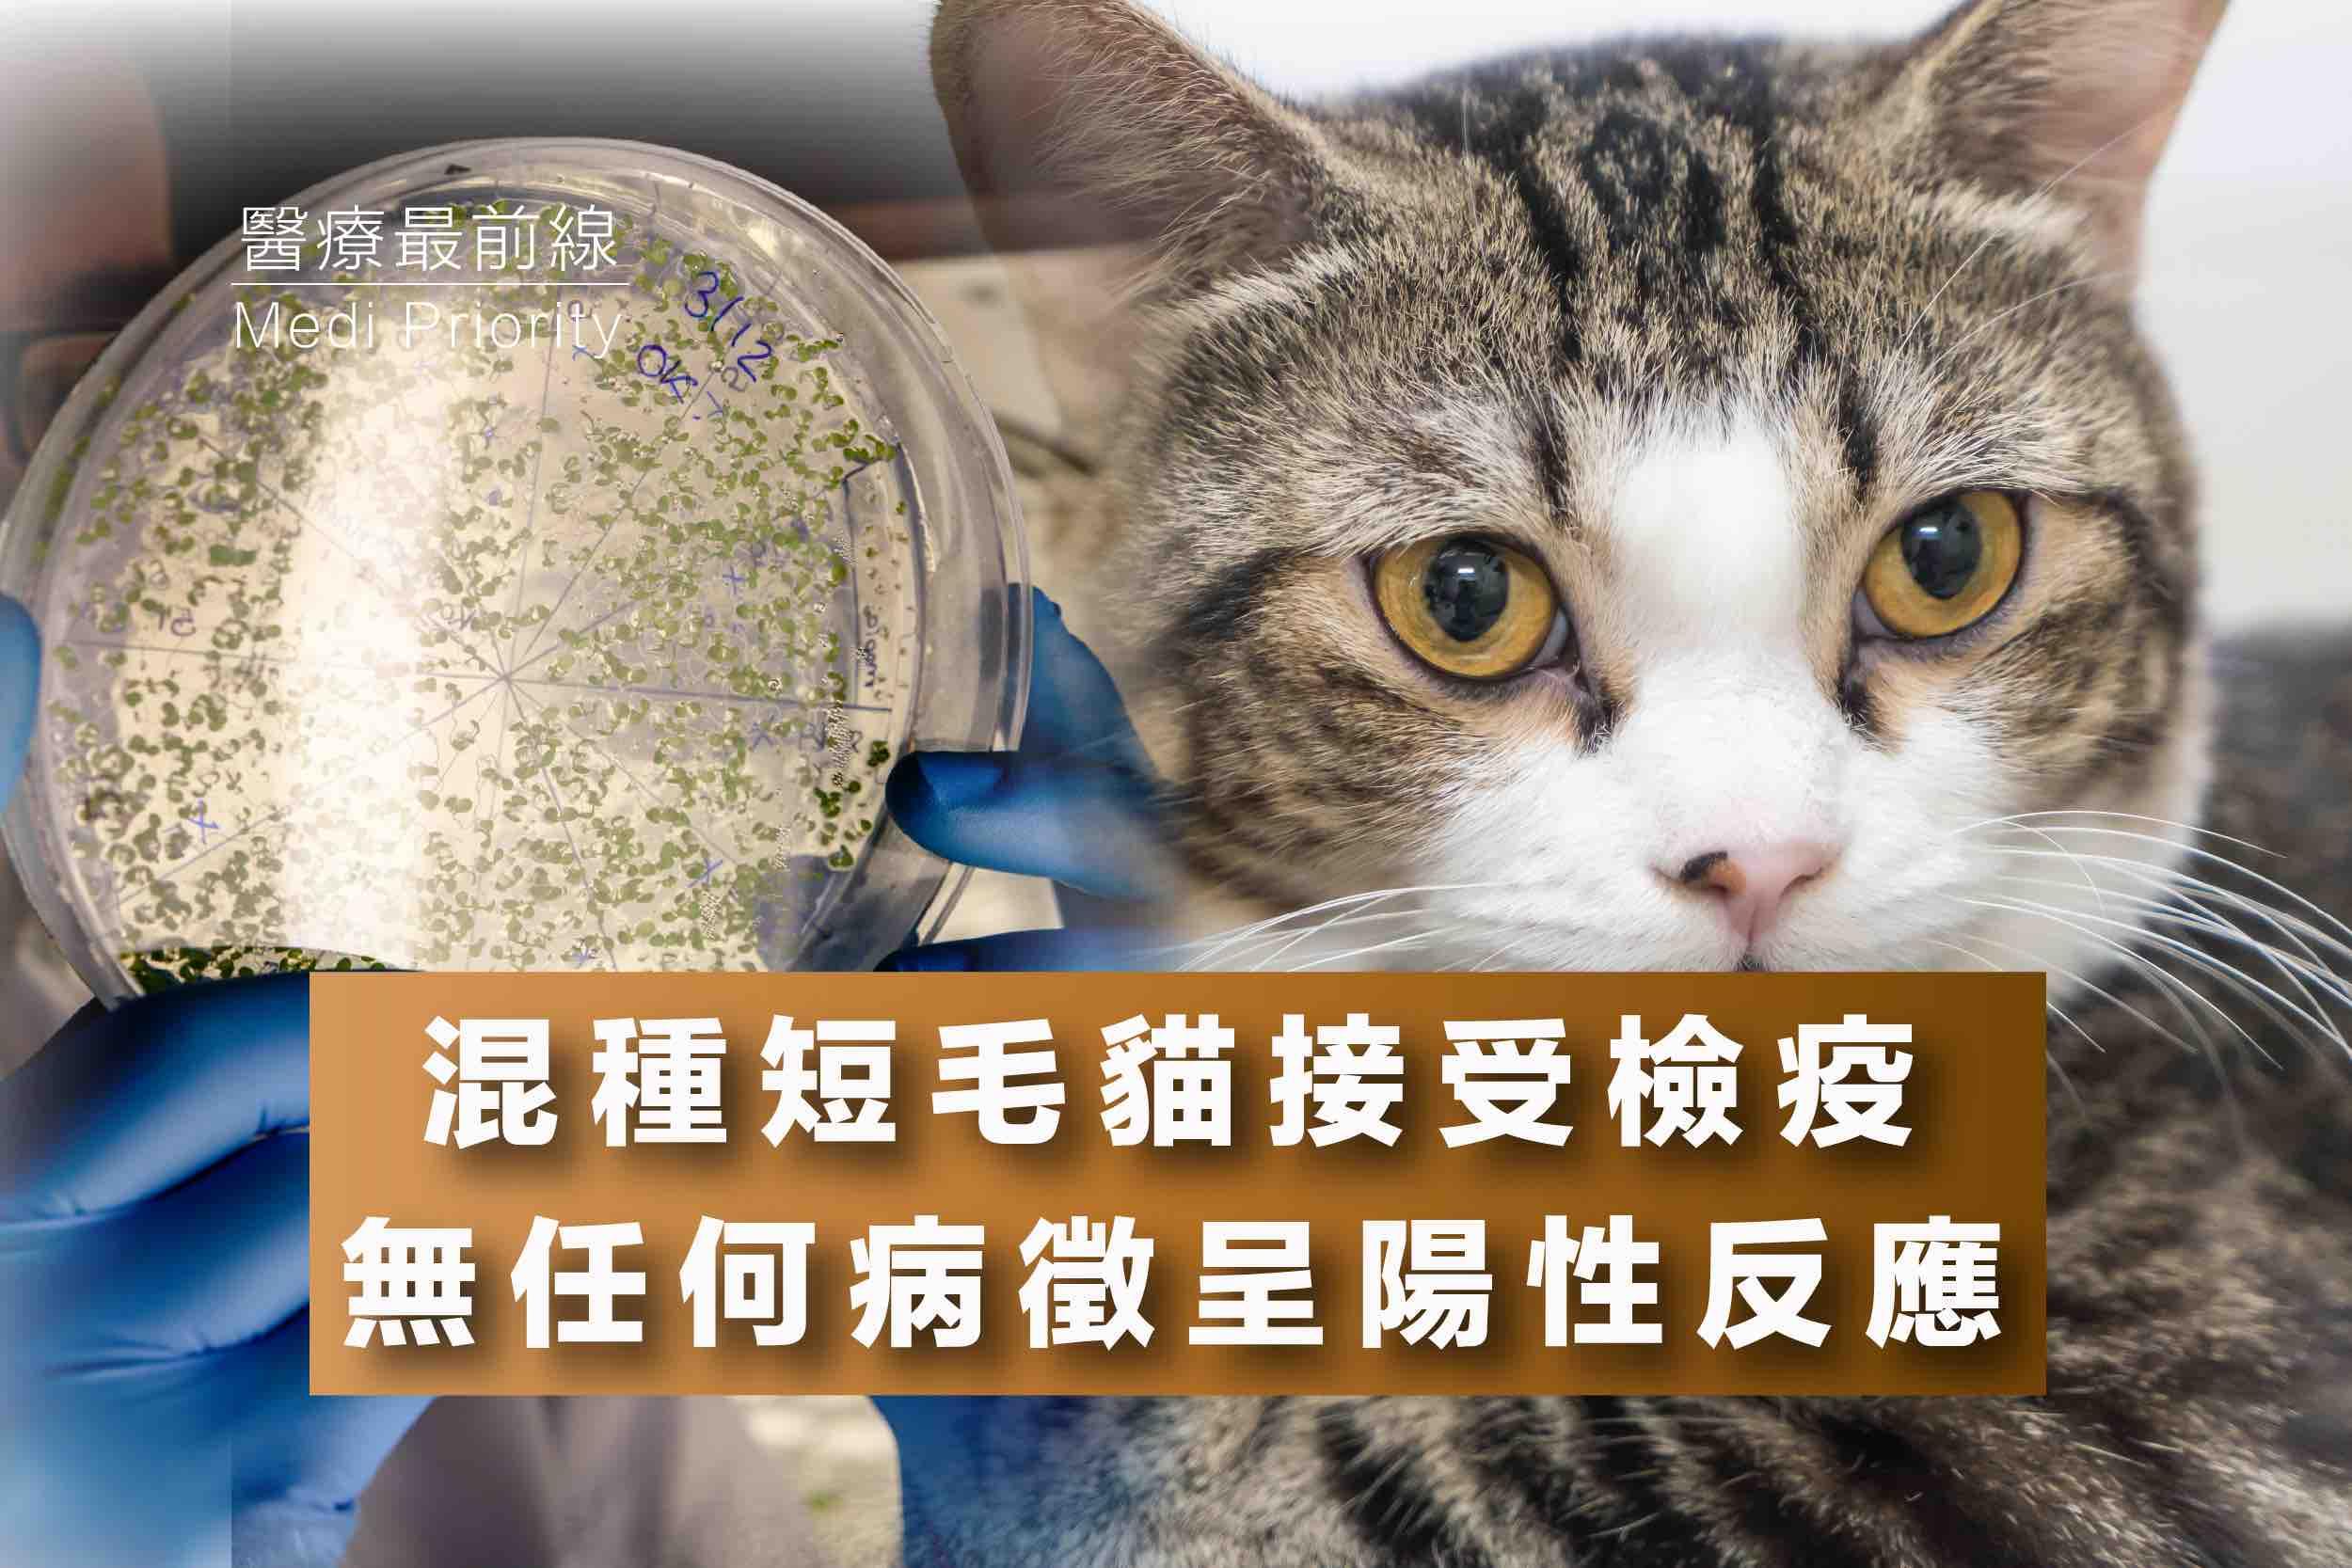 【混種短毛貓接受檢疫】無任何病徵呈陽性反應